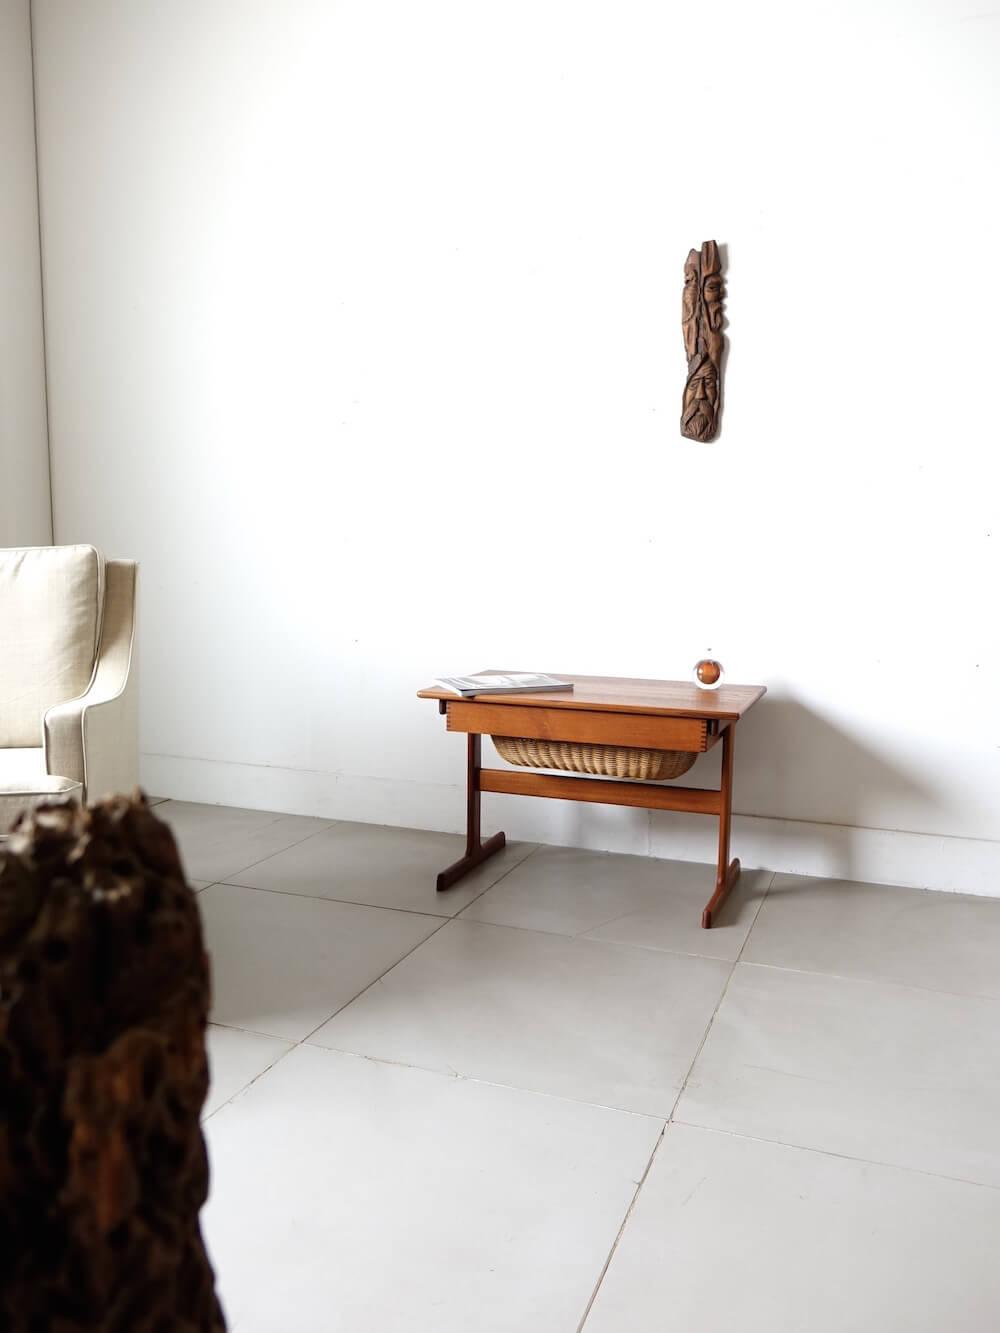 Sewing Table by Kai Kristiansen Vildbjerg Mobelfabrik